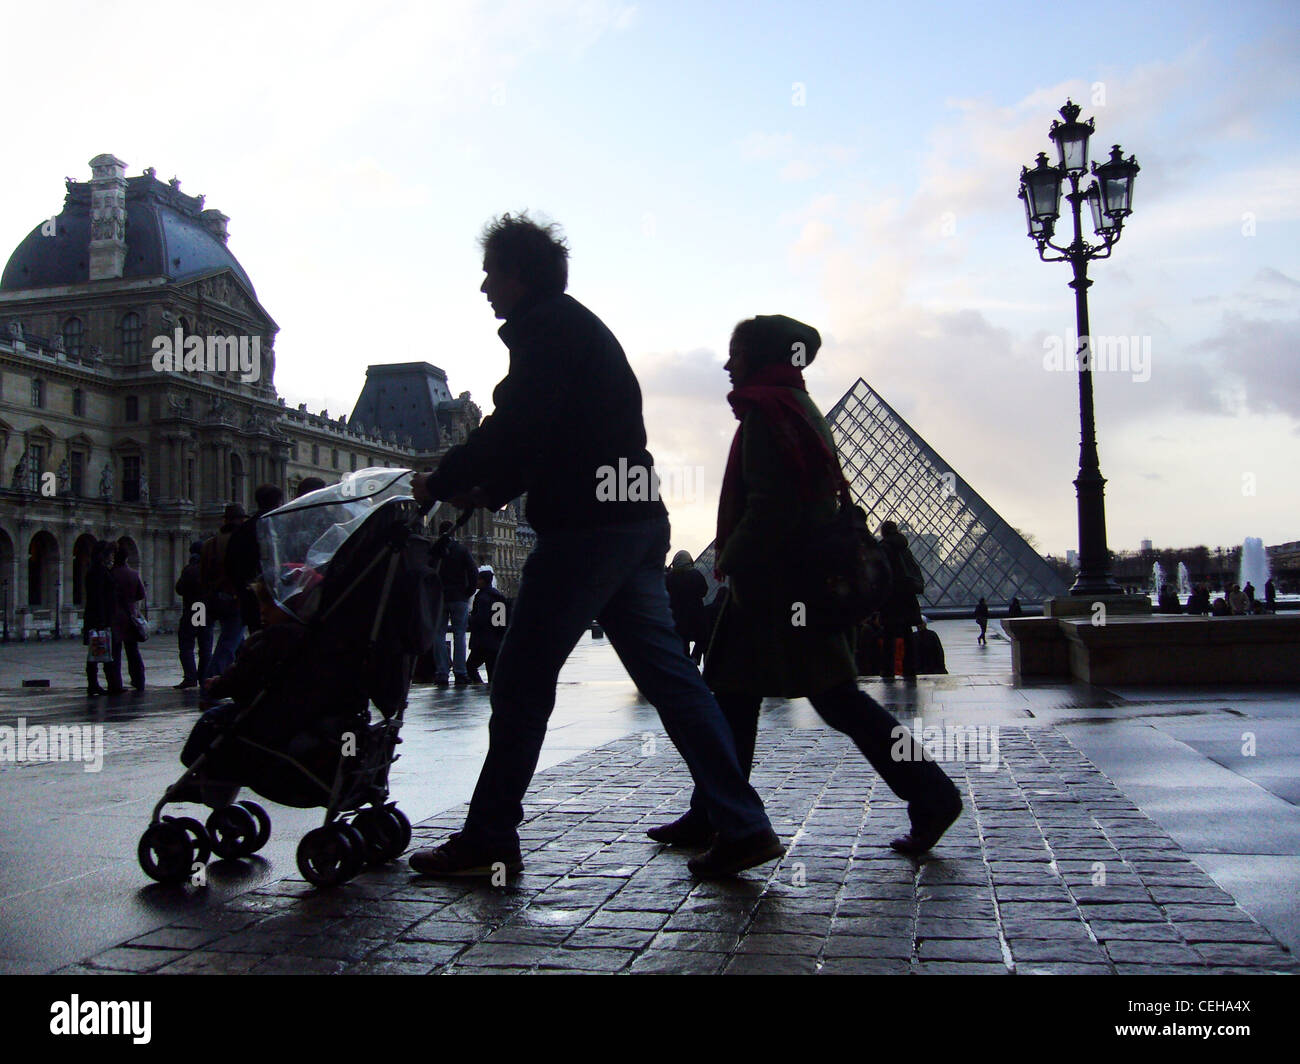 Siluetas en un día lluvioso en la Place du Carrousel du Louvre, París, Francia Imagen De Stock